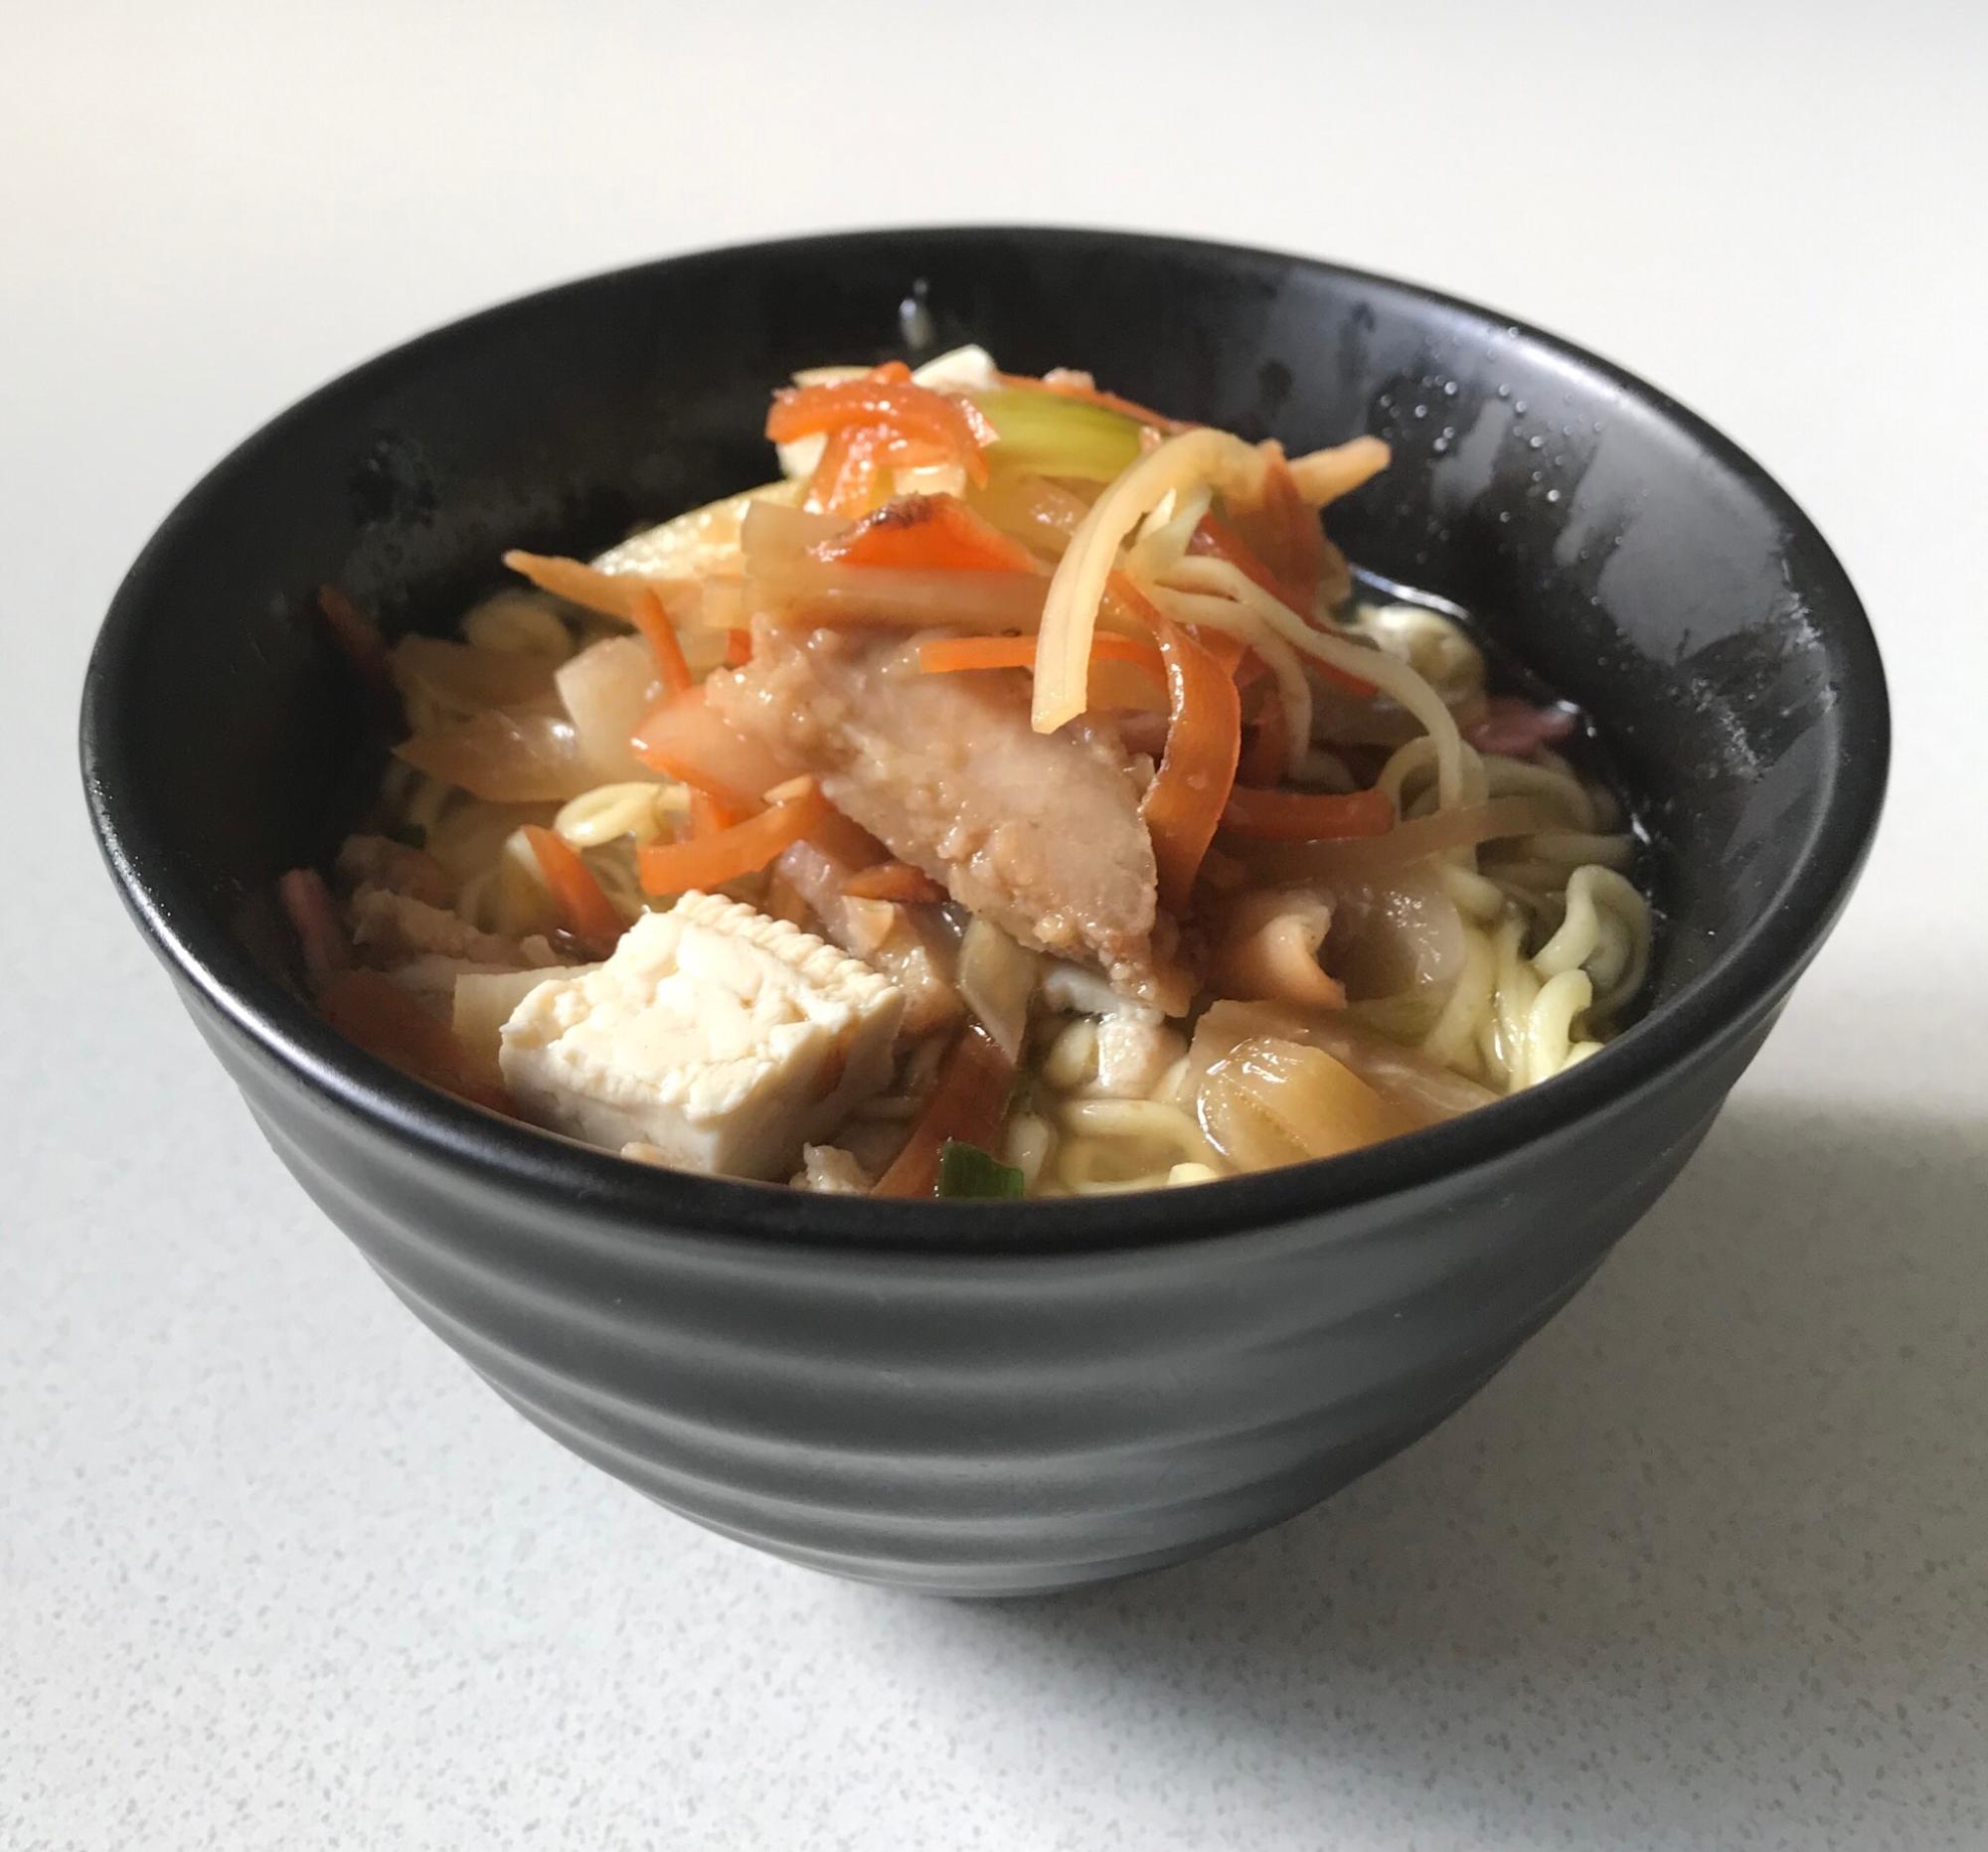 豆腐きんぴら玉ねぎ唐揚げ餃子柚子塩ラーメン